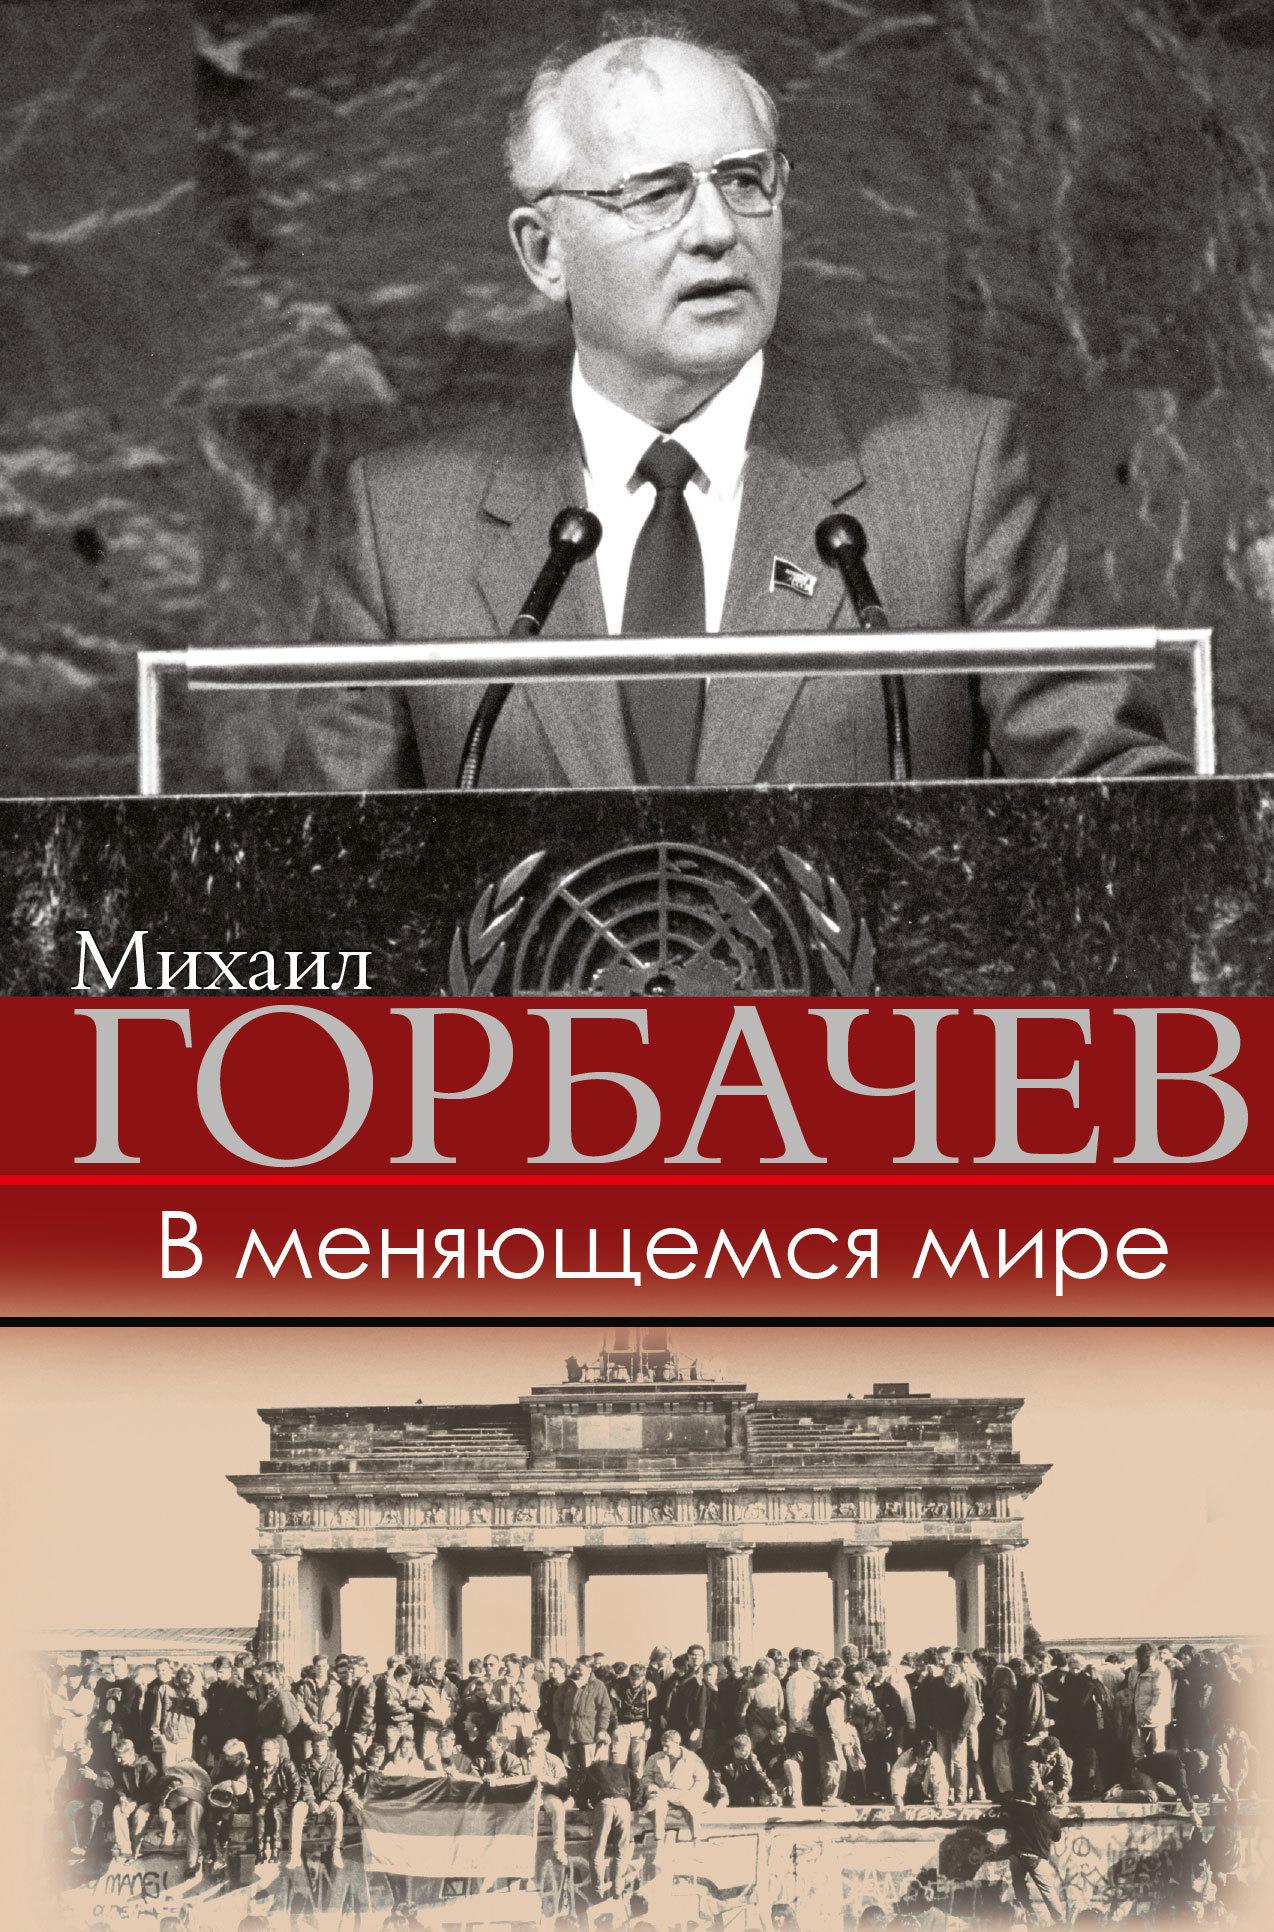 Михаил Горбачев - В меняющемся мире